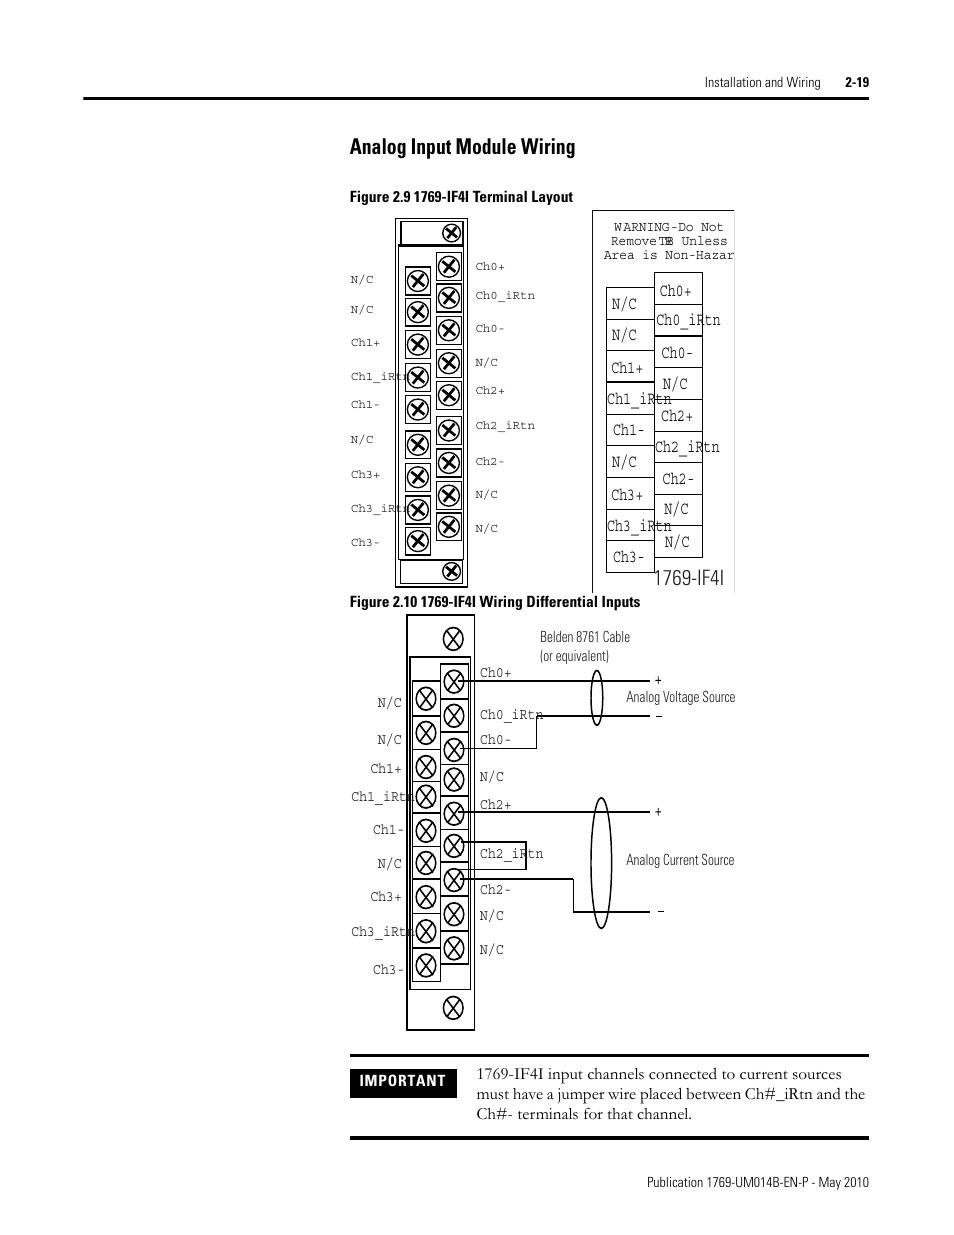 110 Wiring Diagram Analog Input Module Wiring Analog Input Module Wiring 18